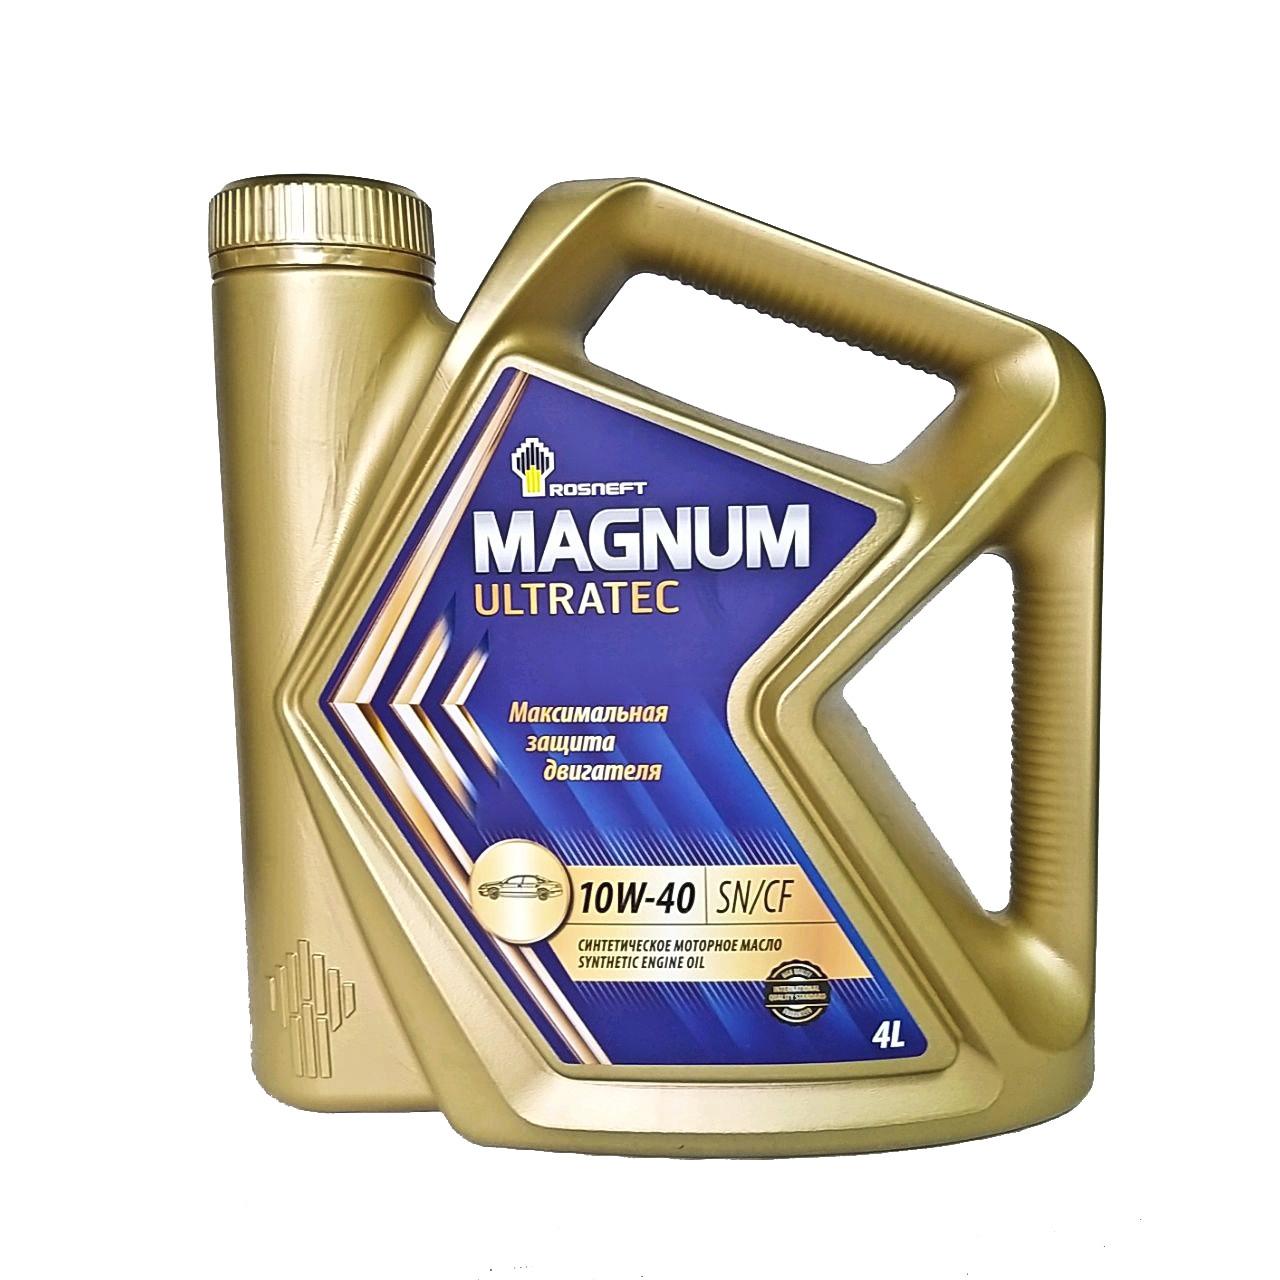 Rosneft Magnum Ultratec 10w-40 (SN/CF) 4L.